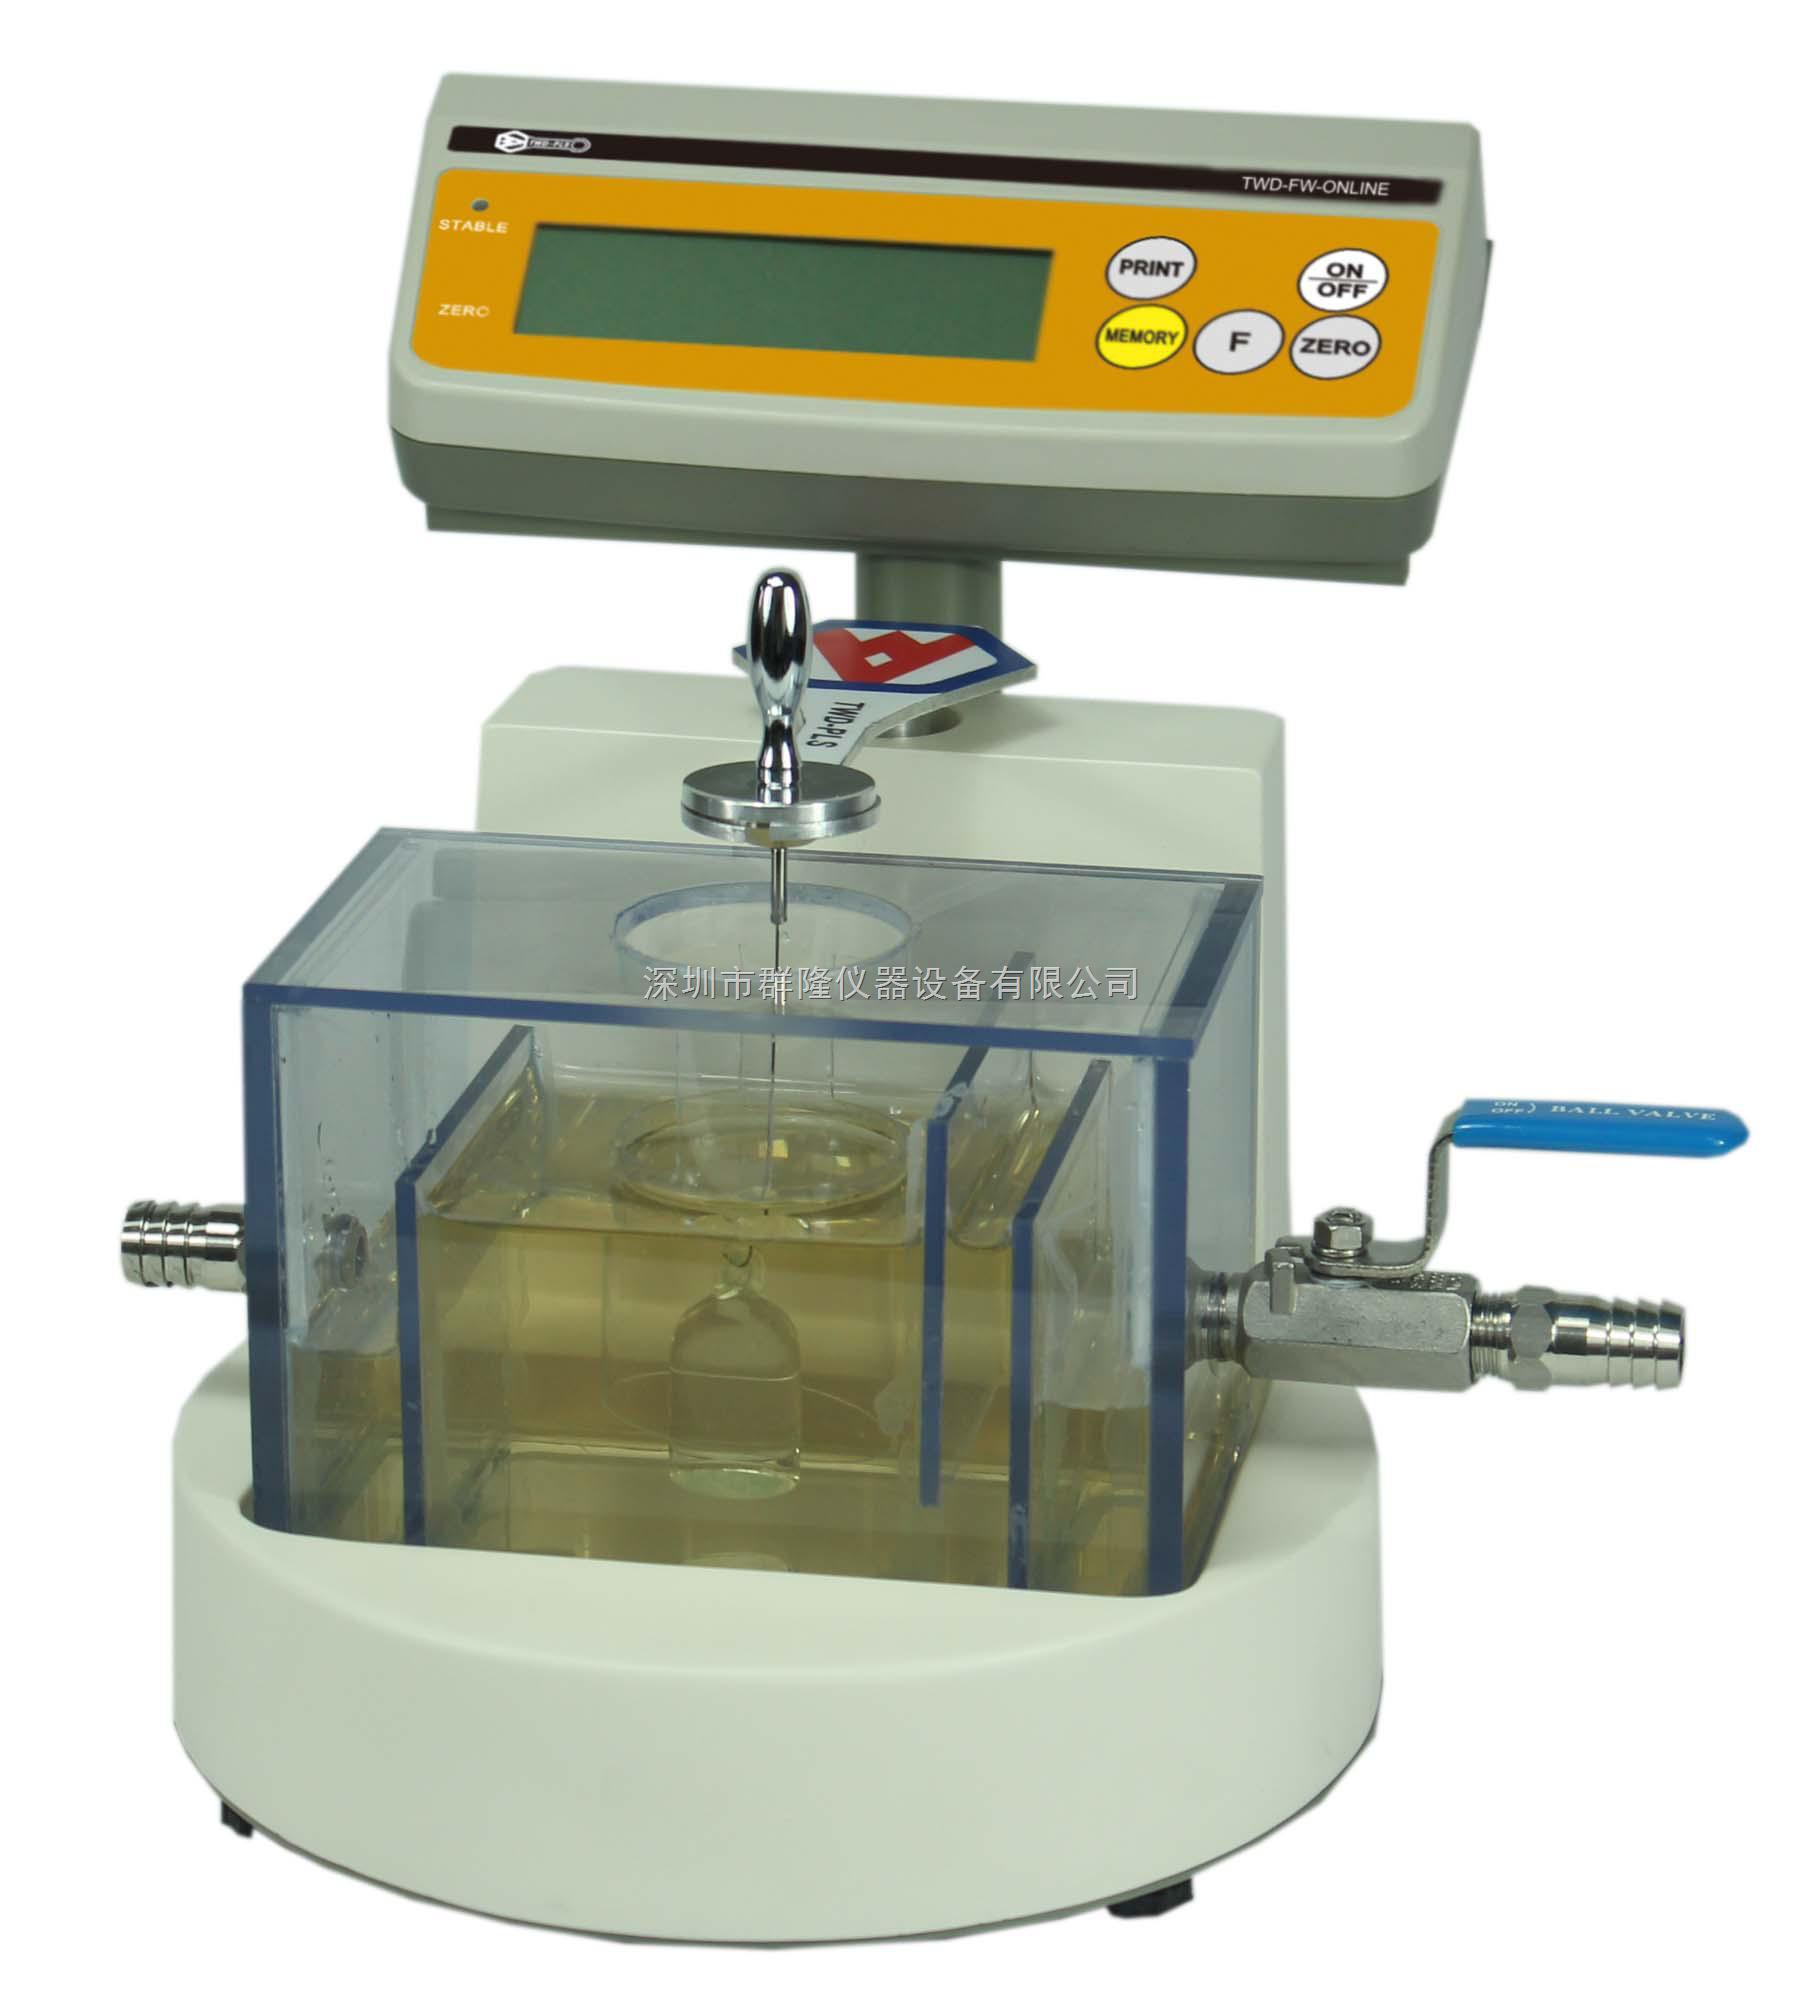 发酵酒糖度酒精度浓度在线监测仪MZ-FW-ONLINE